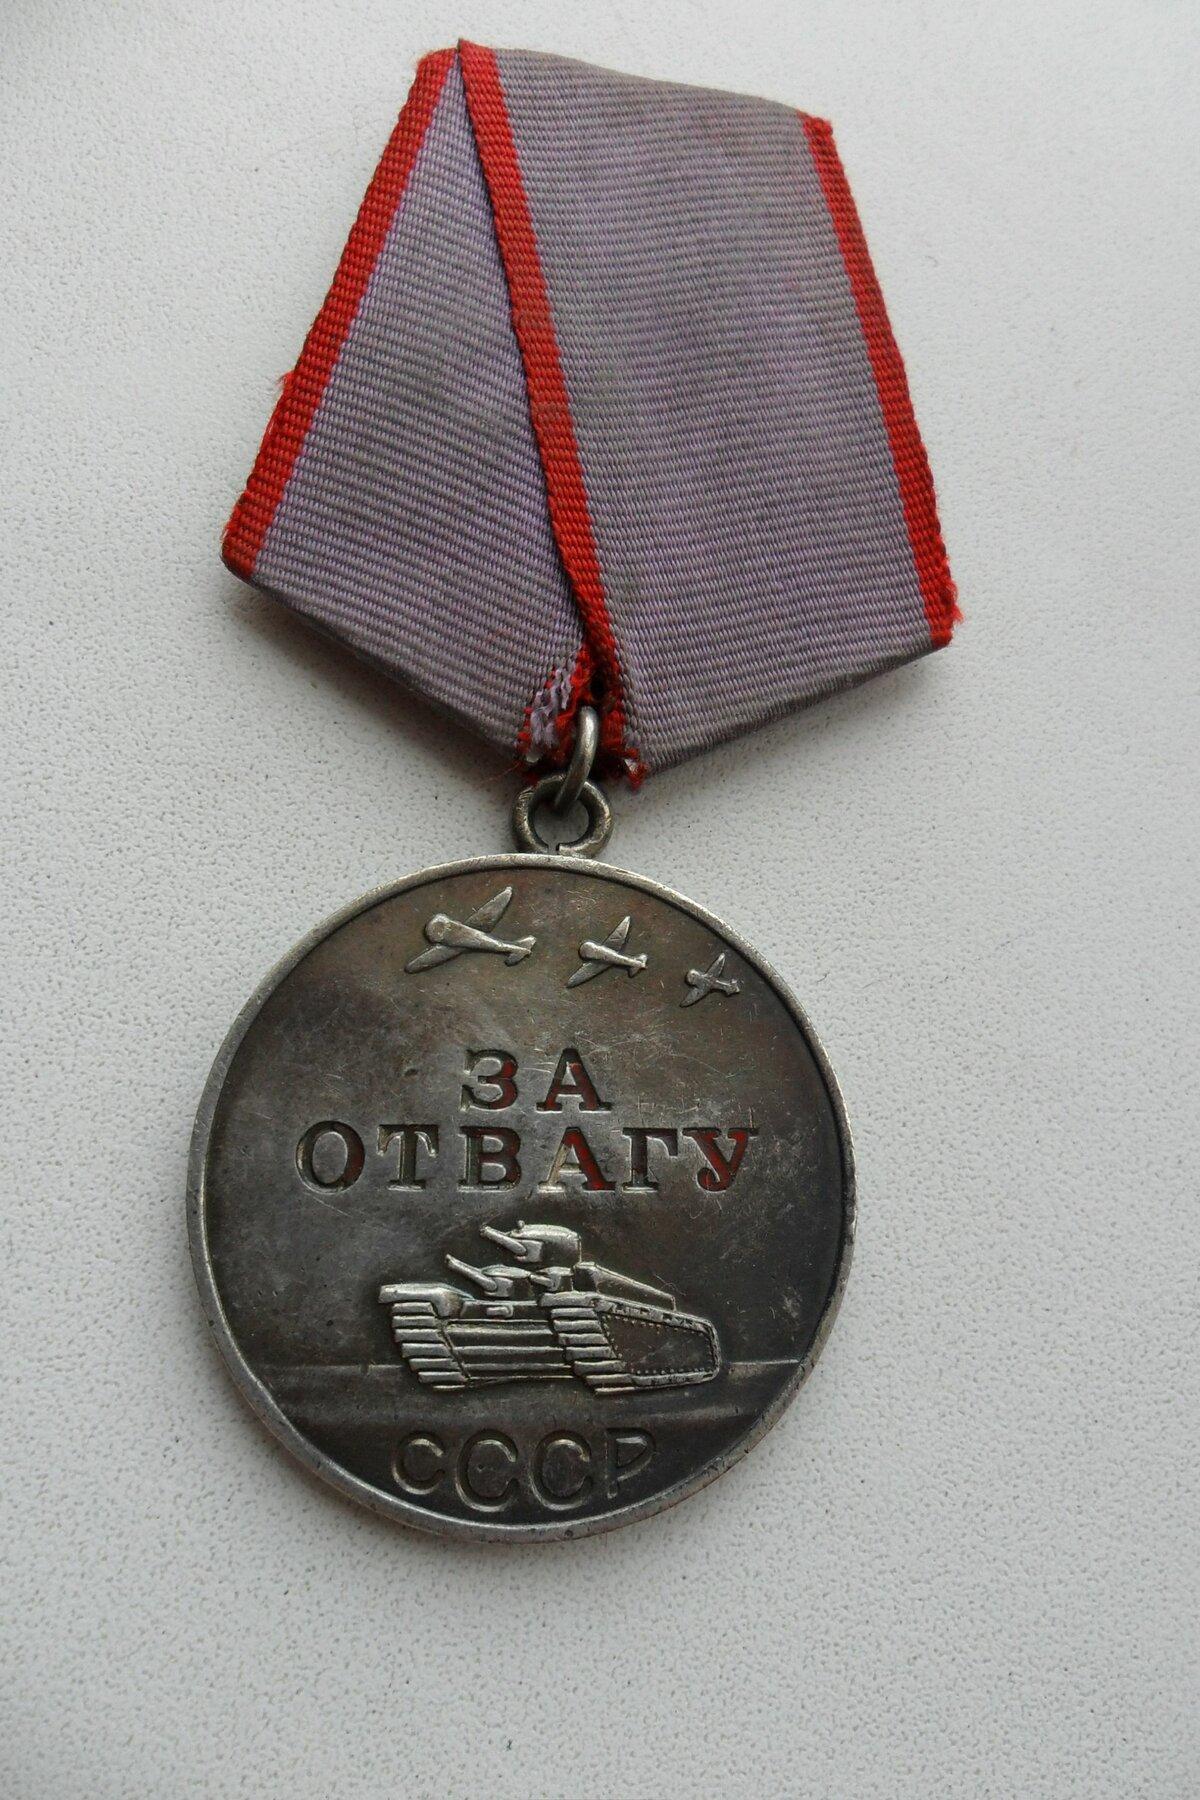 Днем рождения, прикольная картинка медаль за отвагу